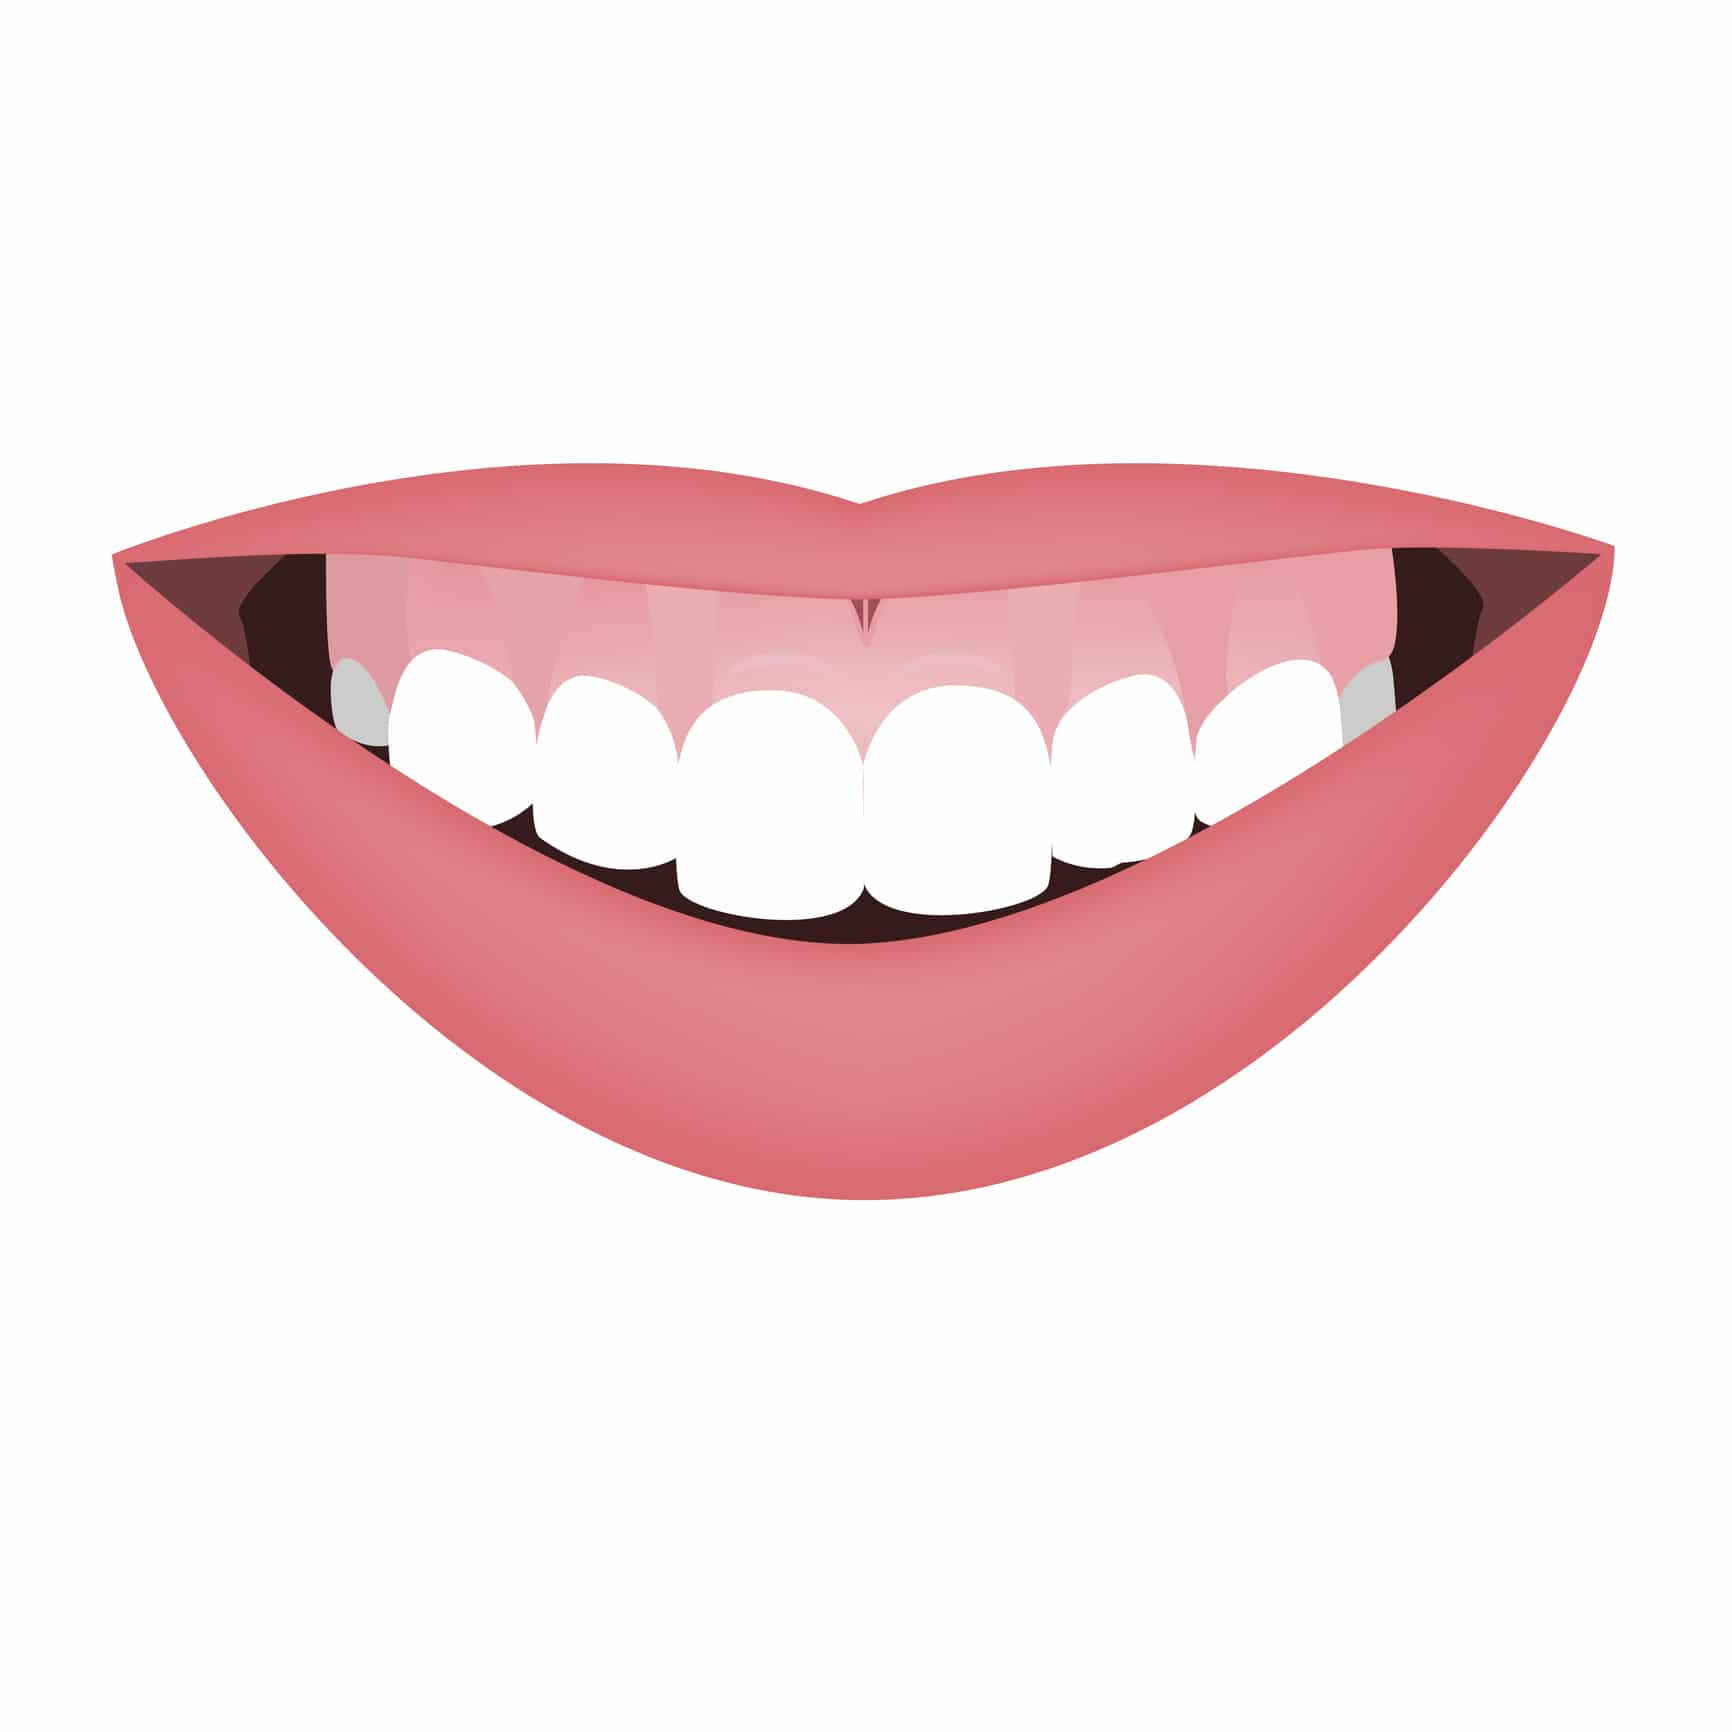 illustratie van een Gummy smile